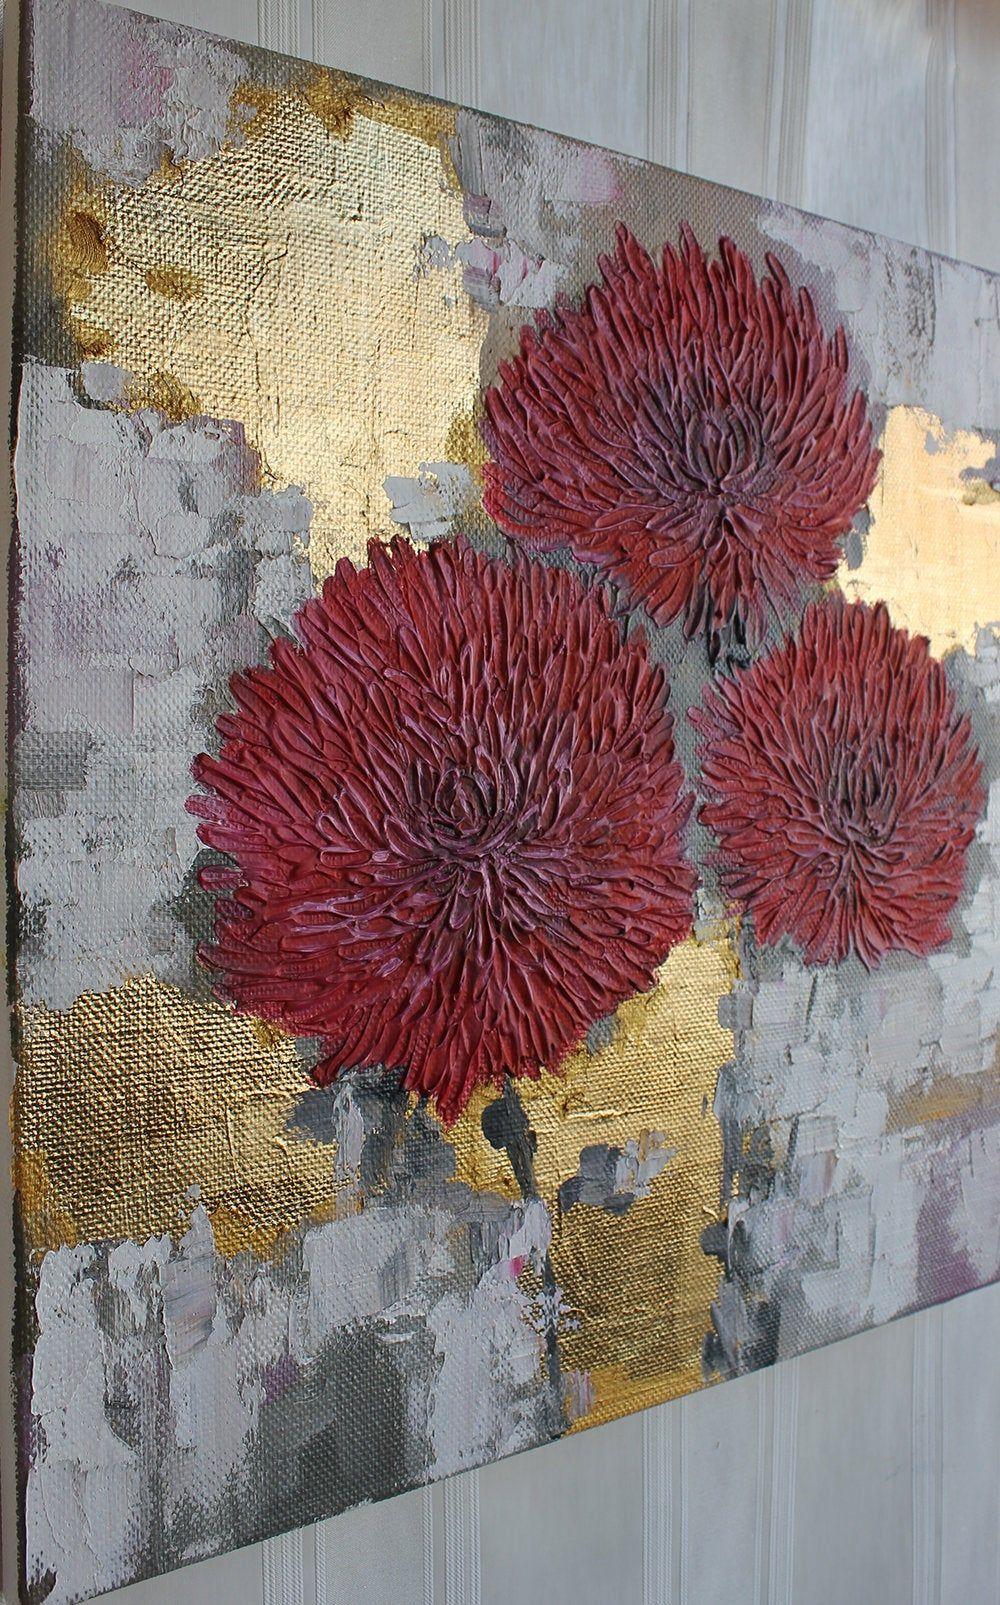 Fleur abstraite Textured peinture mixte Feuille dor Blanc rose Peinture originale Magenta Mur art Cadeau pour la maison Texture coups de pinceau Toile